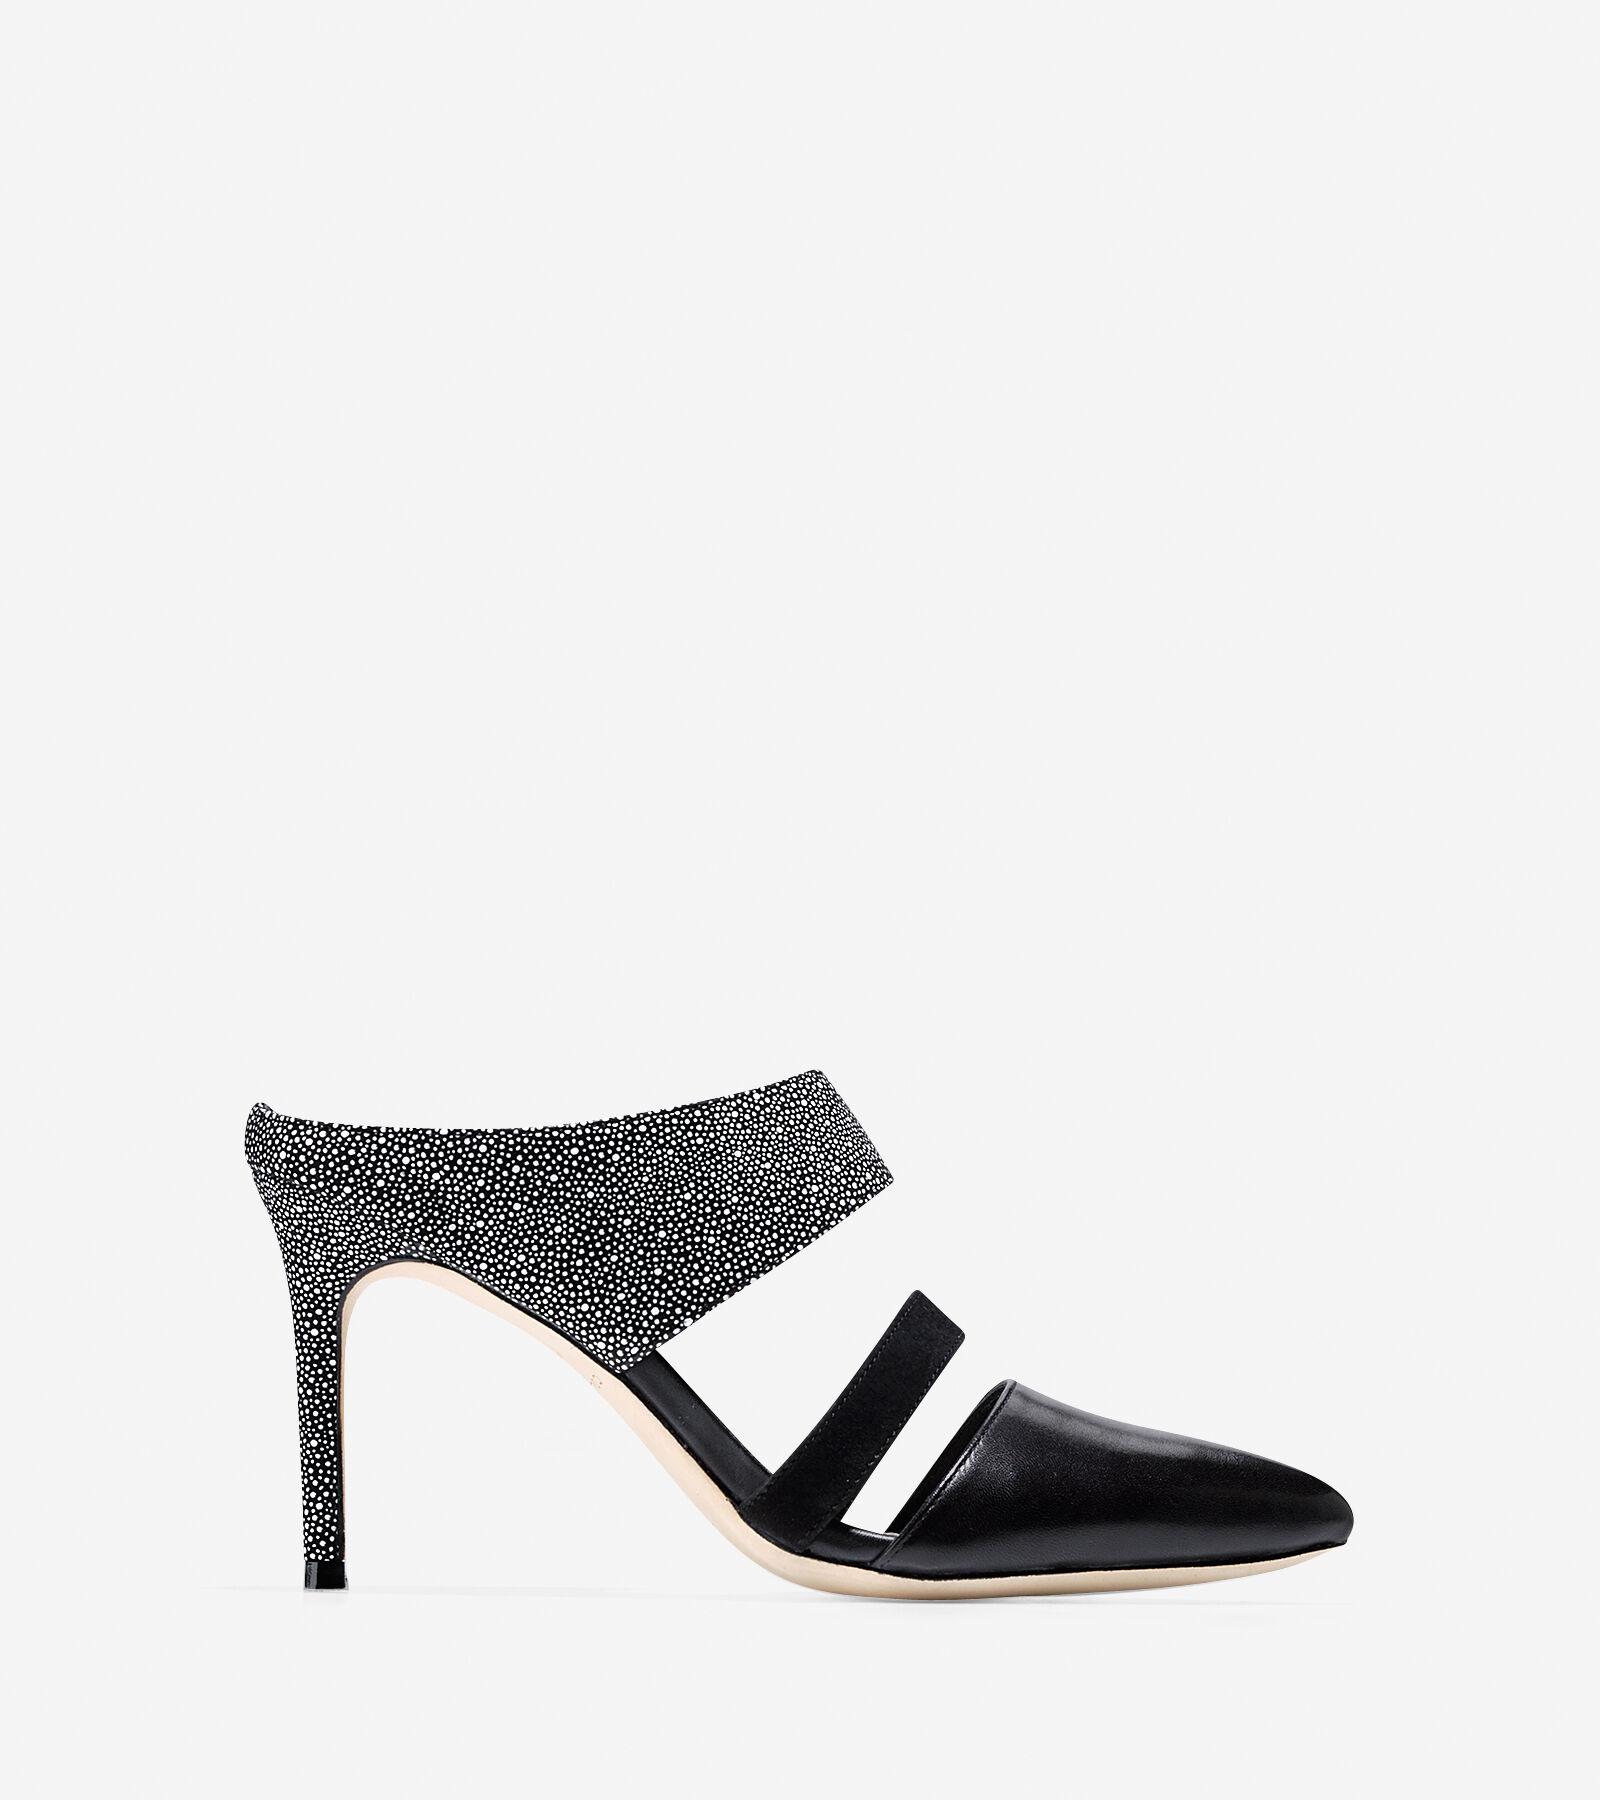 Womens Shoes Cole Haan Lexington Pump 85 Black/White/Black Nubuck